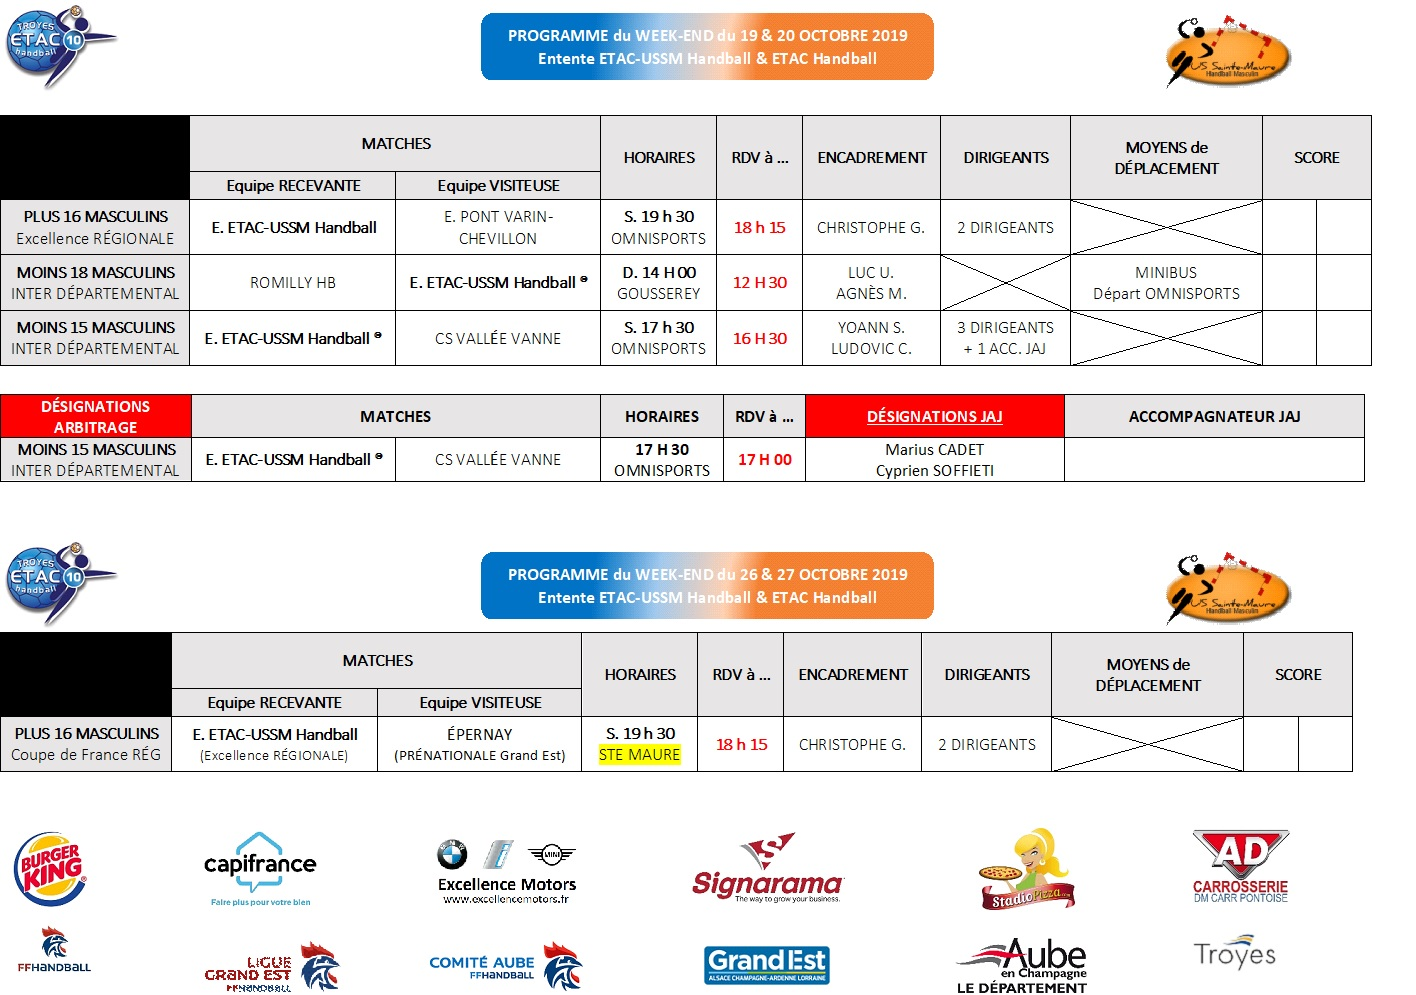 Programme du Week-End : 19 & 20 octobre 2019